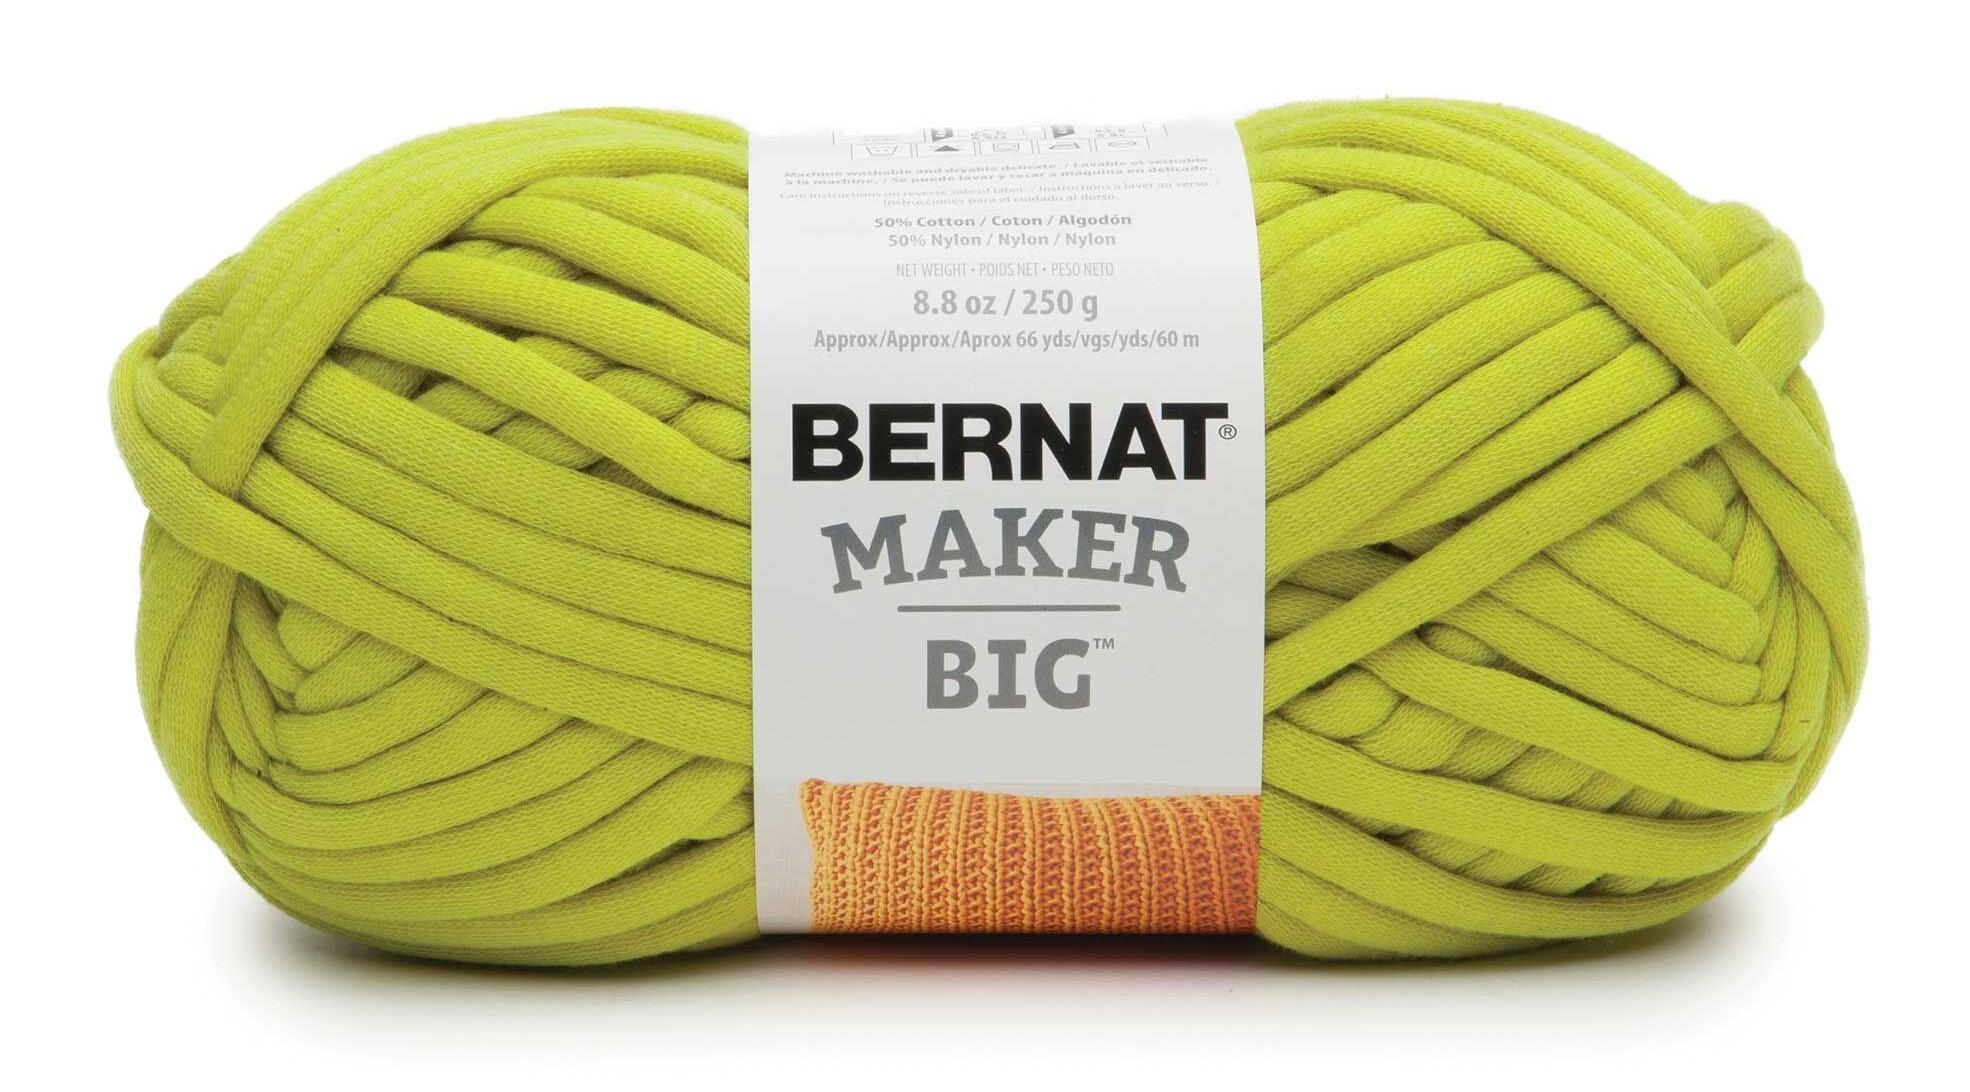 Bernat Maker Big